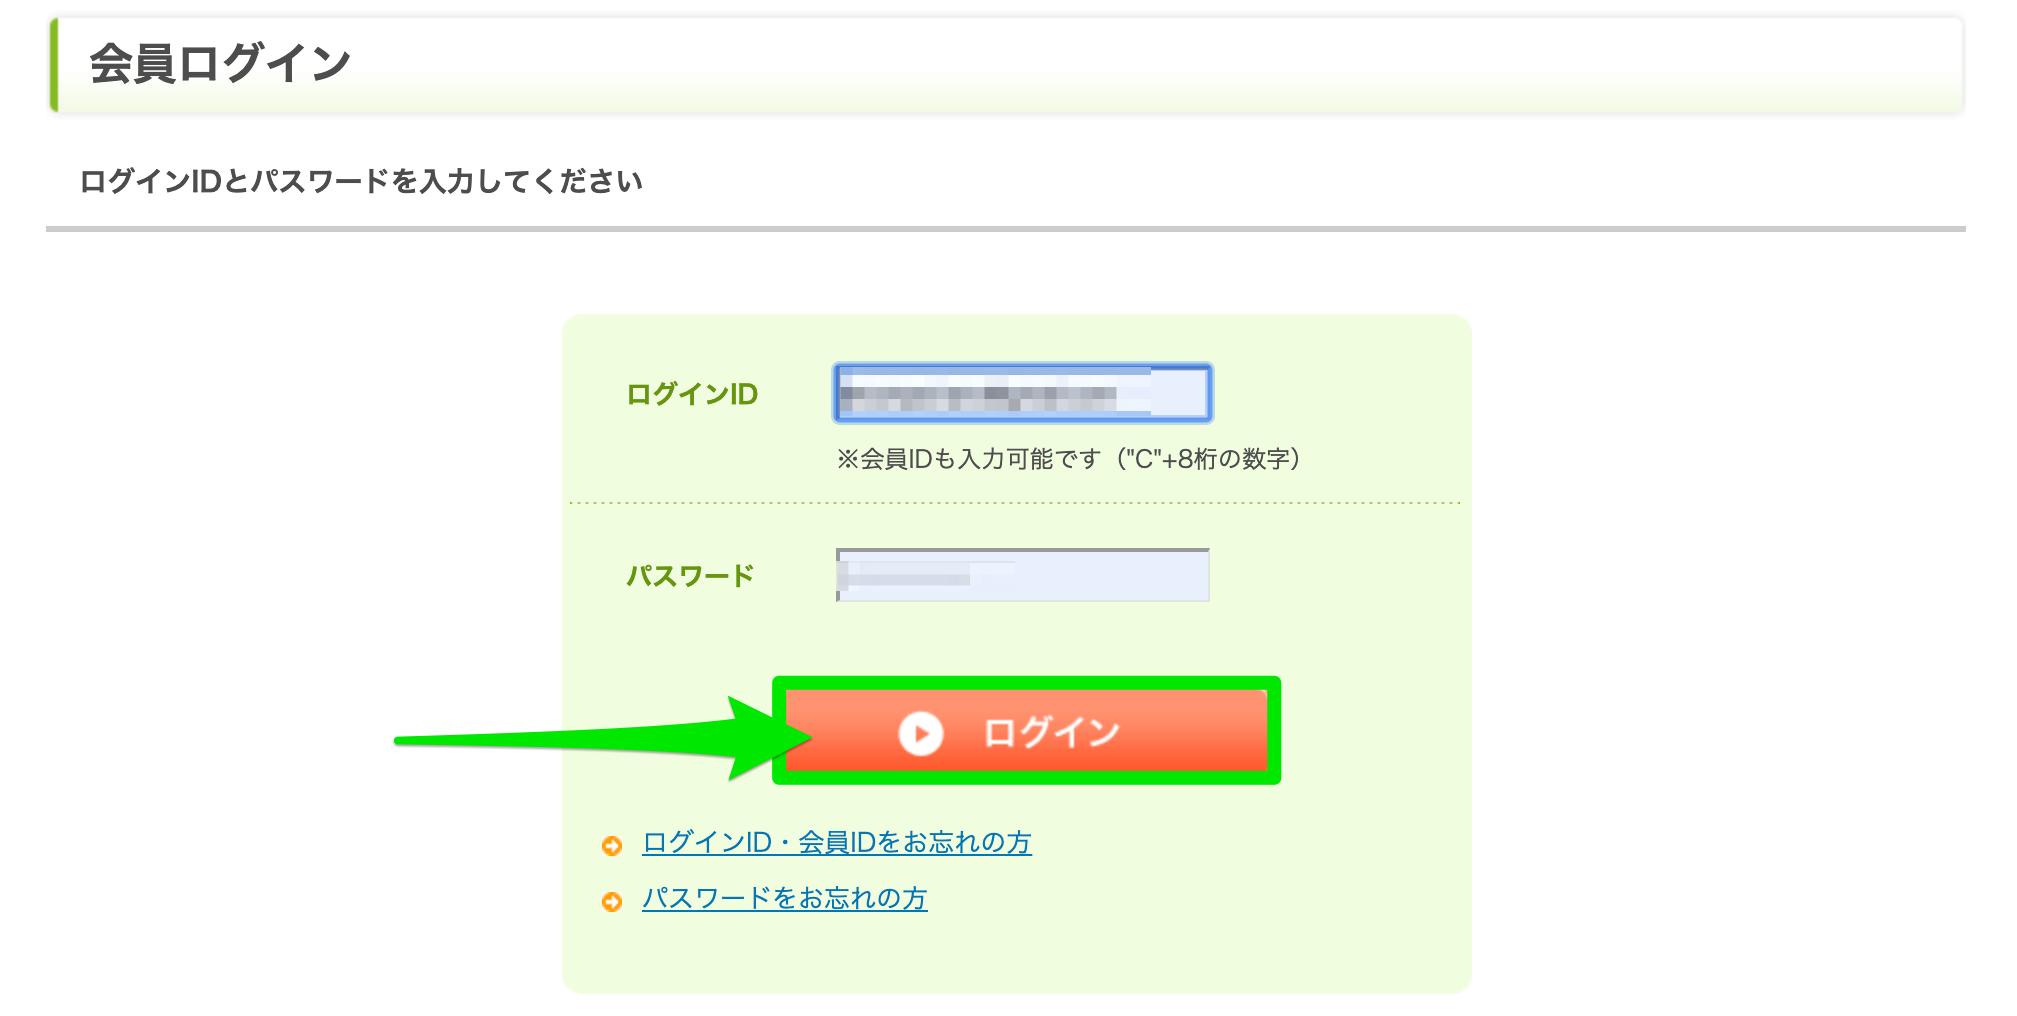 近畿日本ツーリストのマイページにログイン